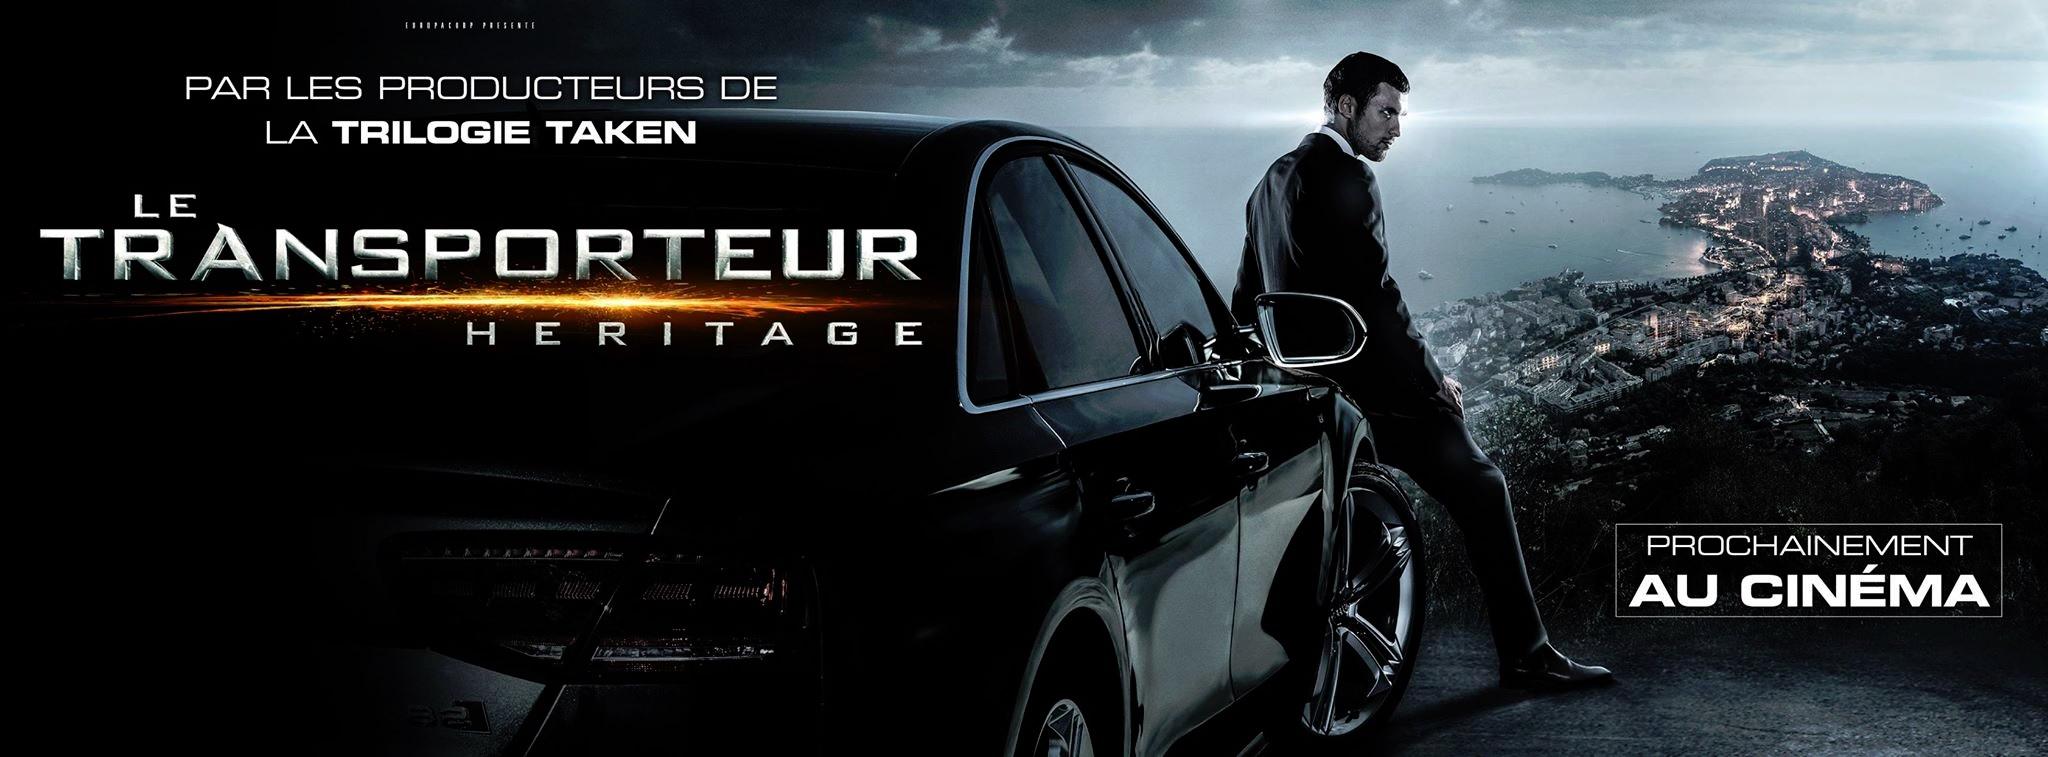 Транспортер по французски список производителей конвейеров